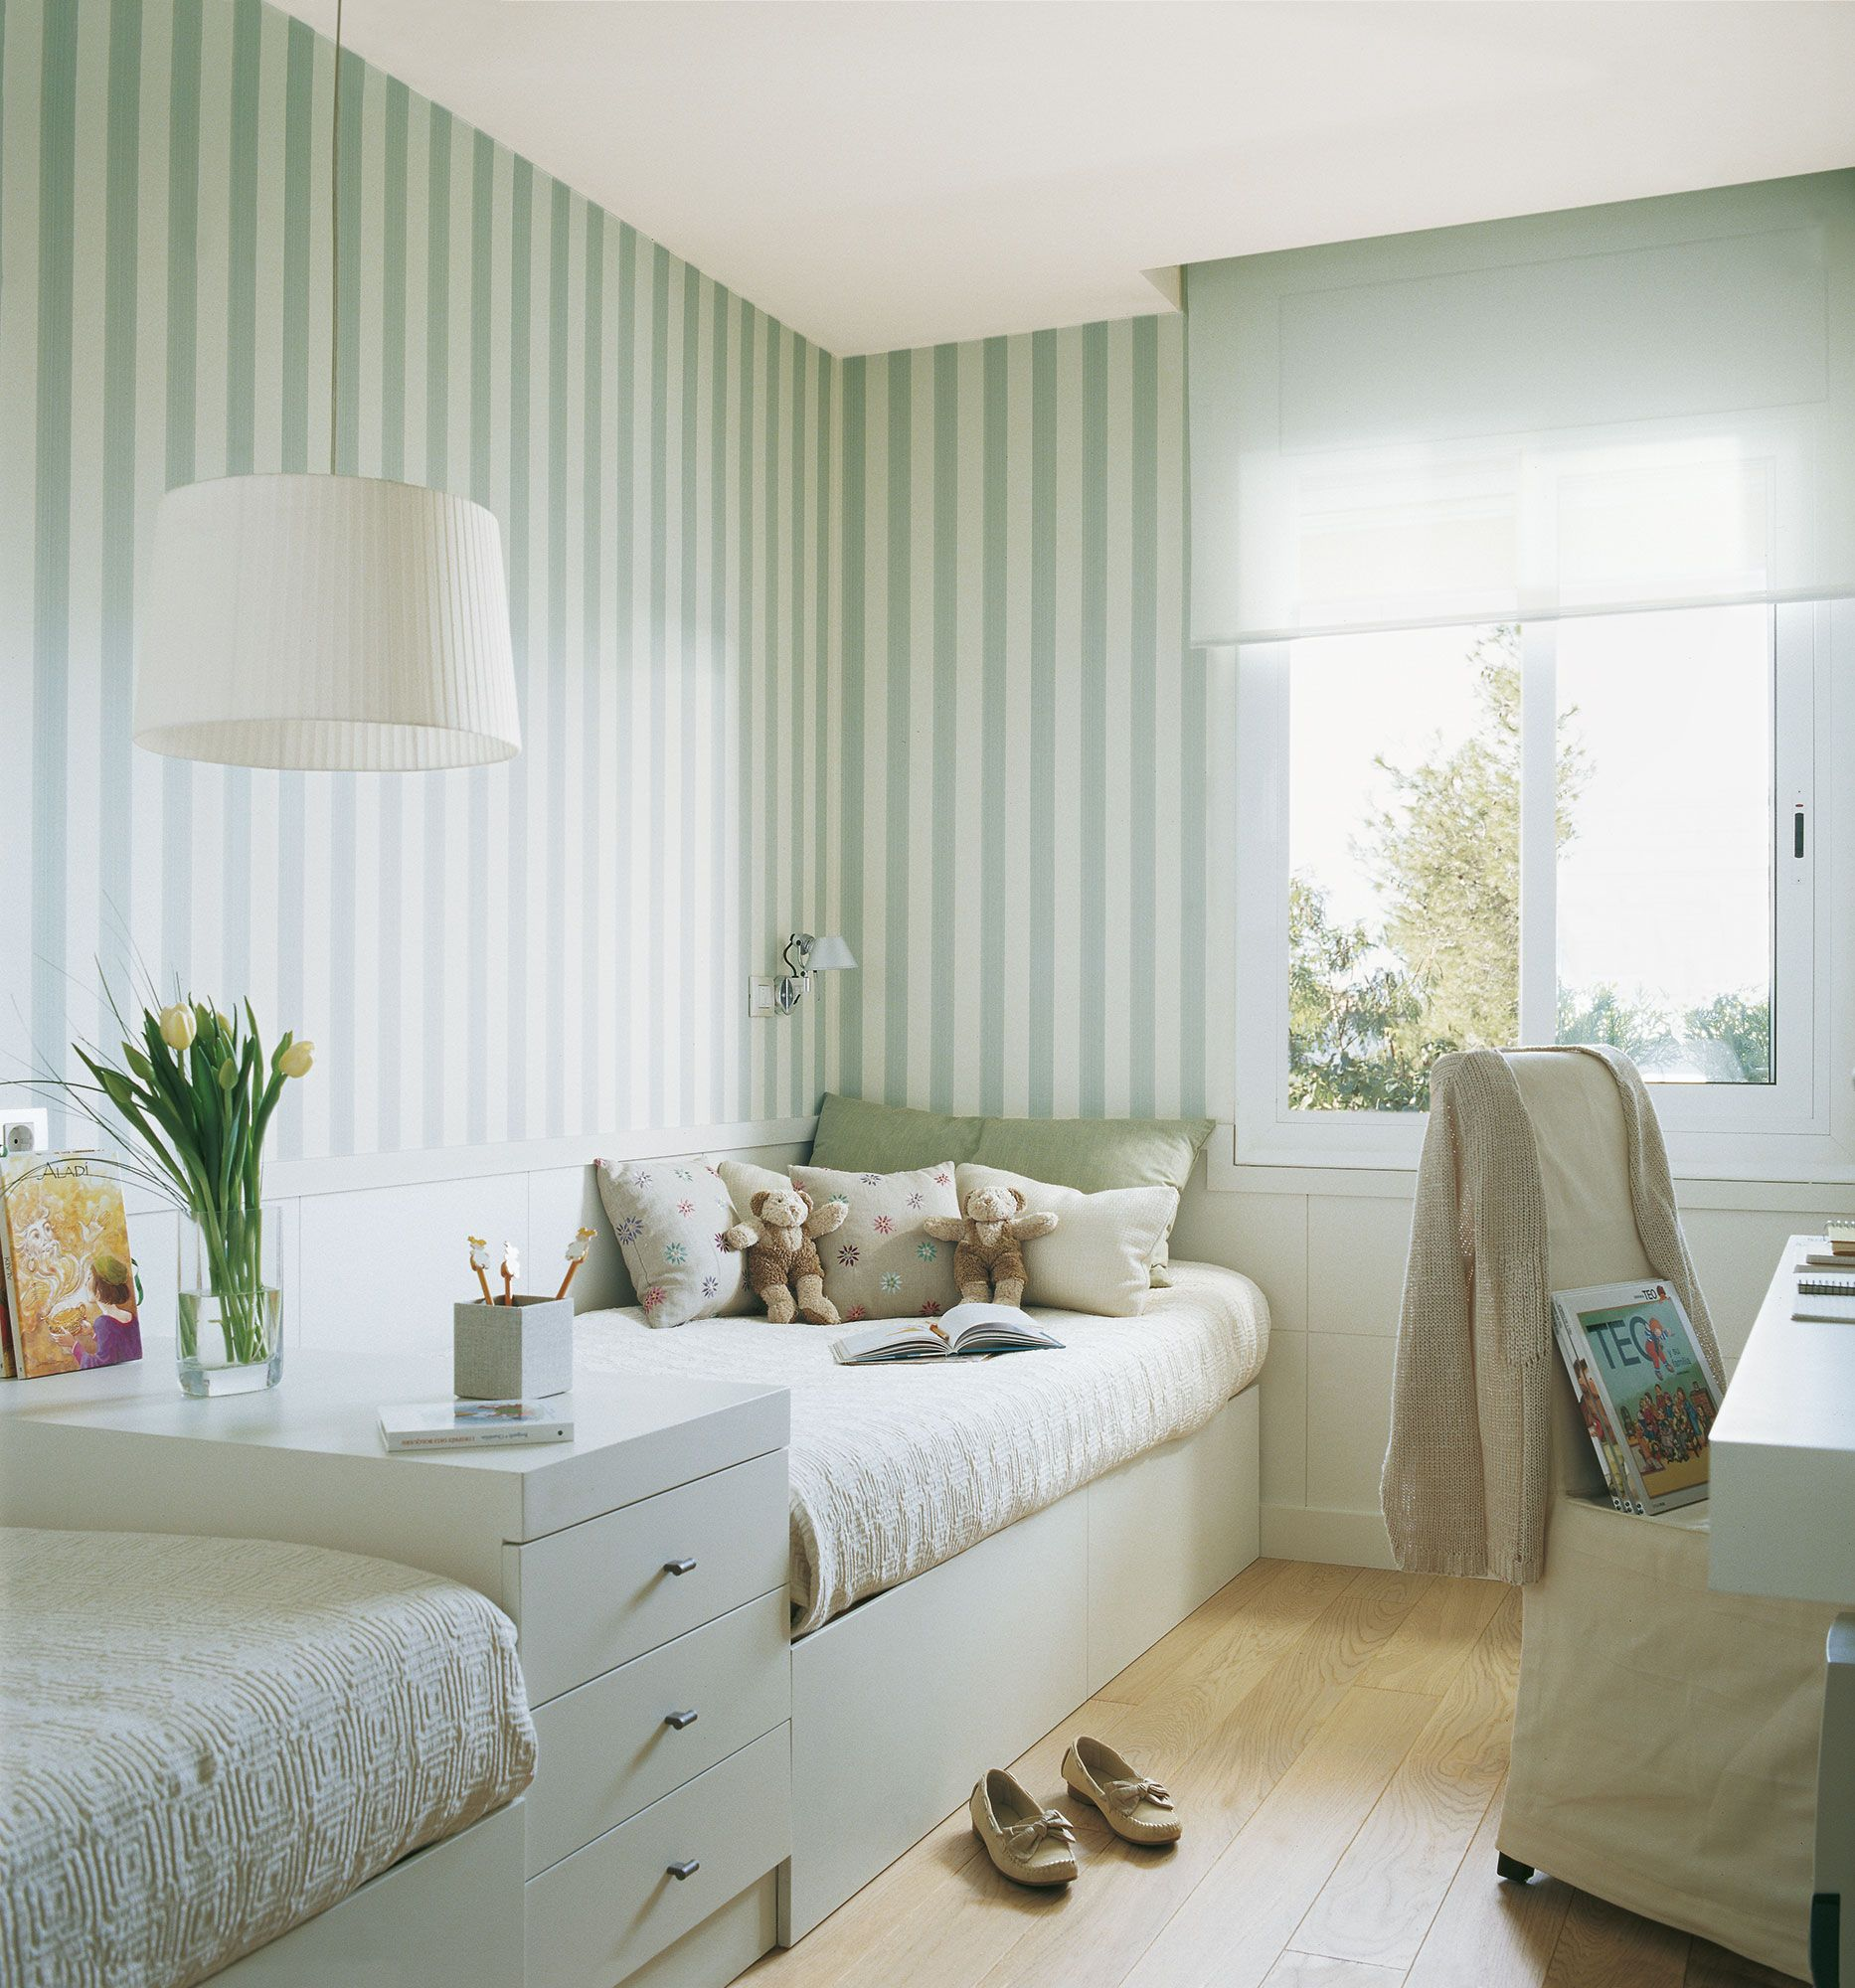 habitaci n infantil con dos camas en l nea y zona de